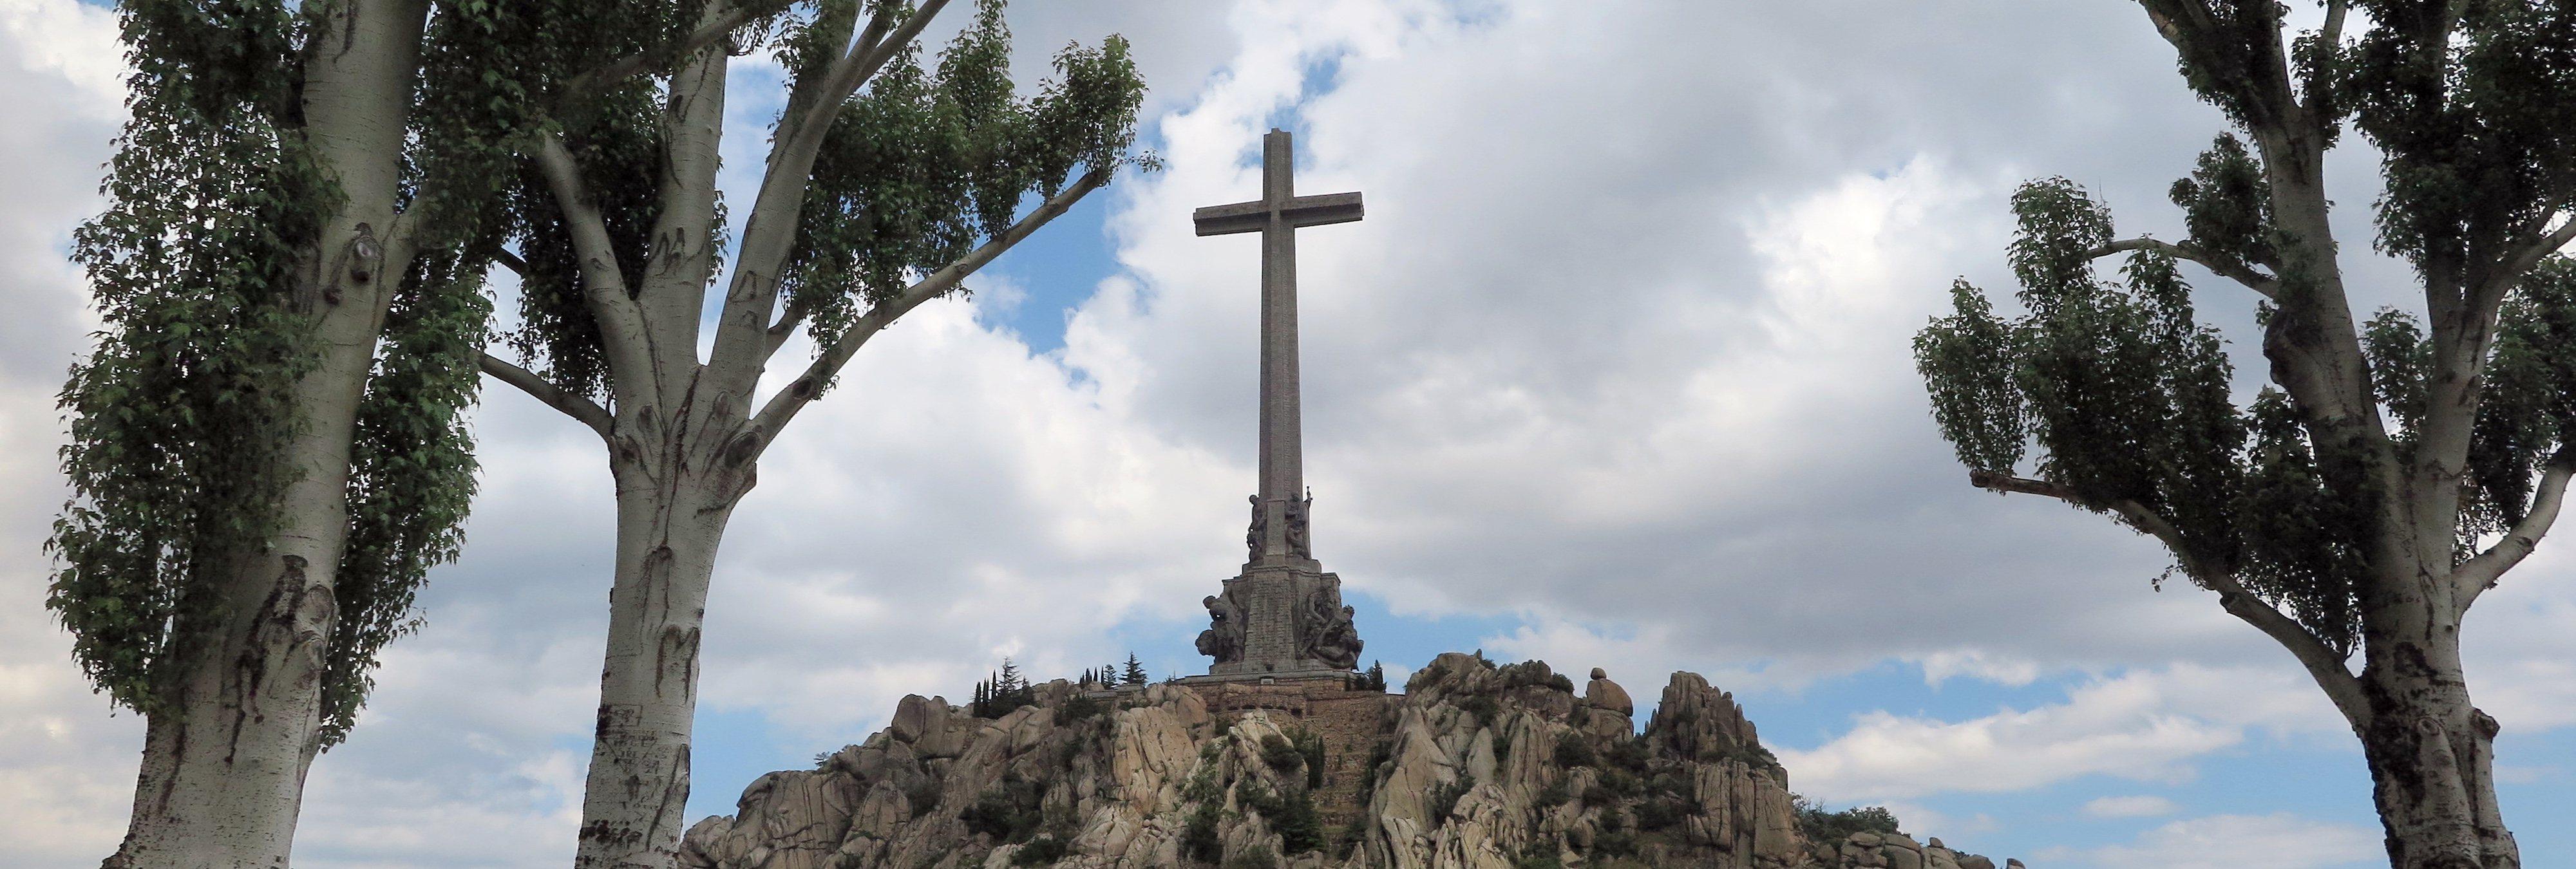 El panteón donde será enterrado Franco pasa a ser propiedad del Estado